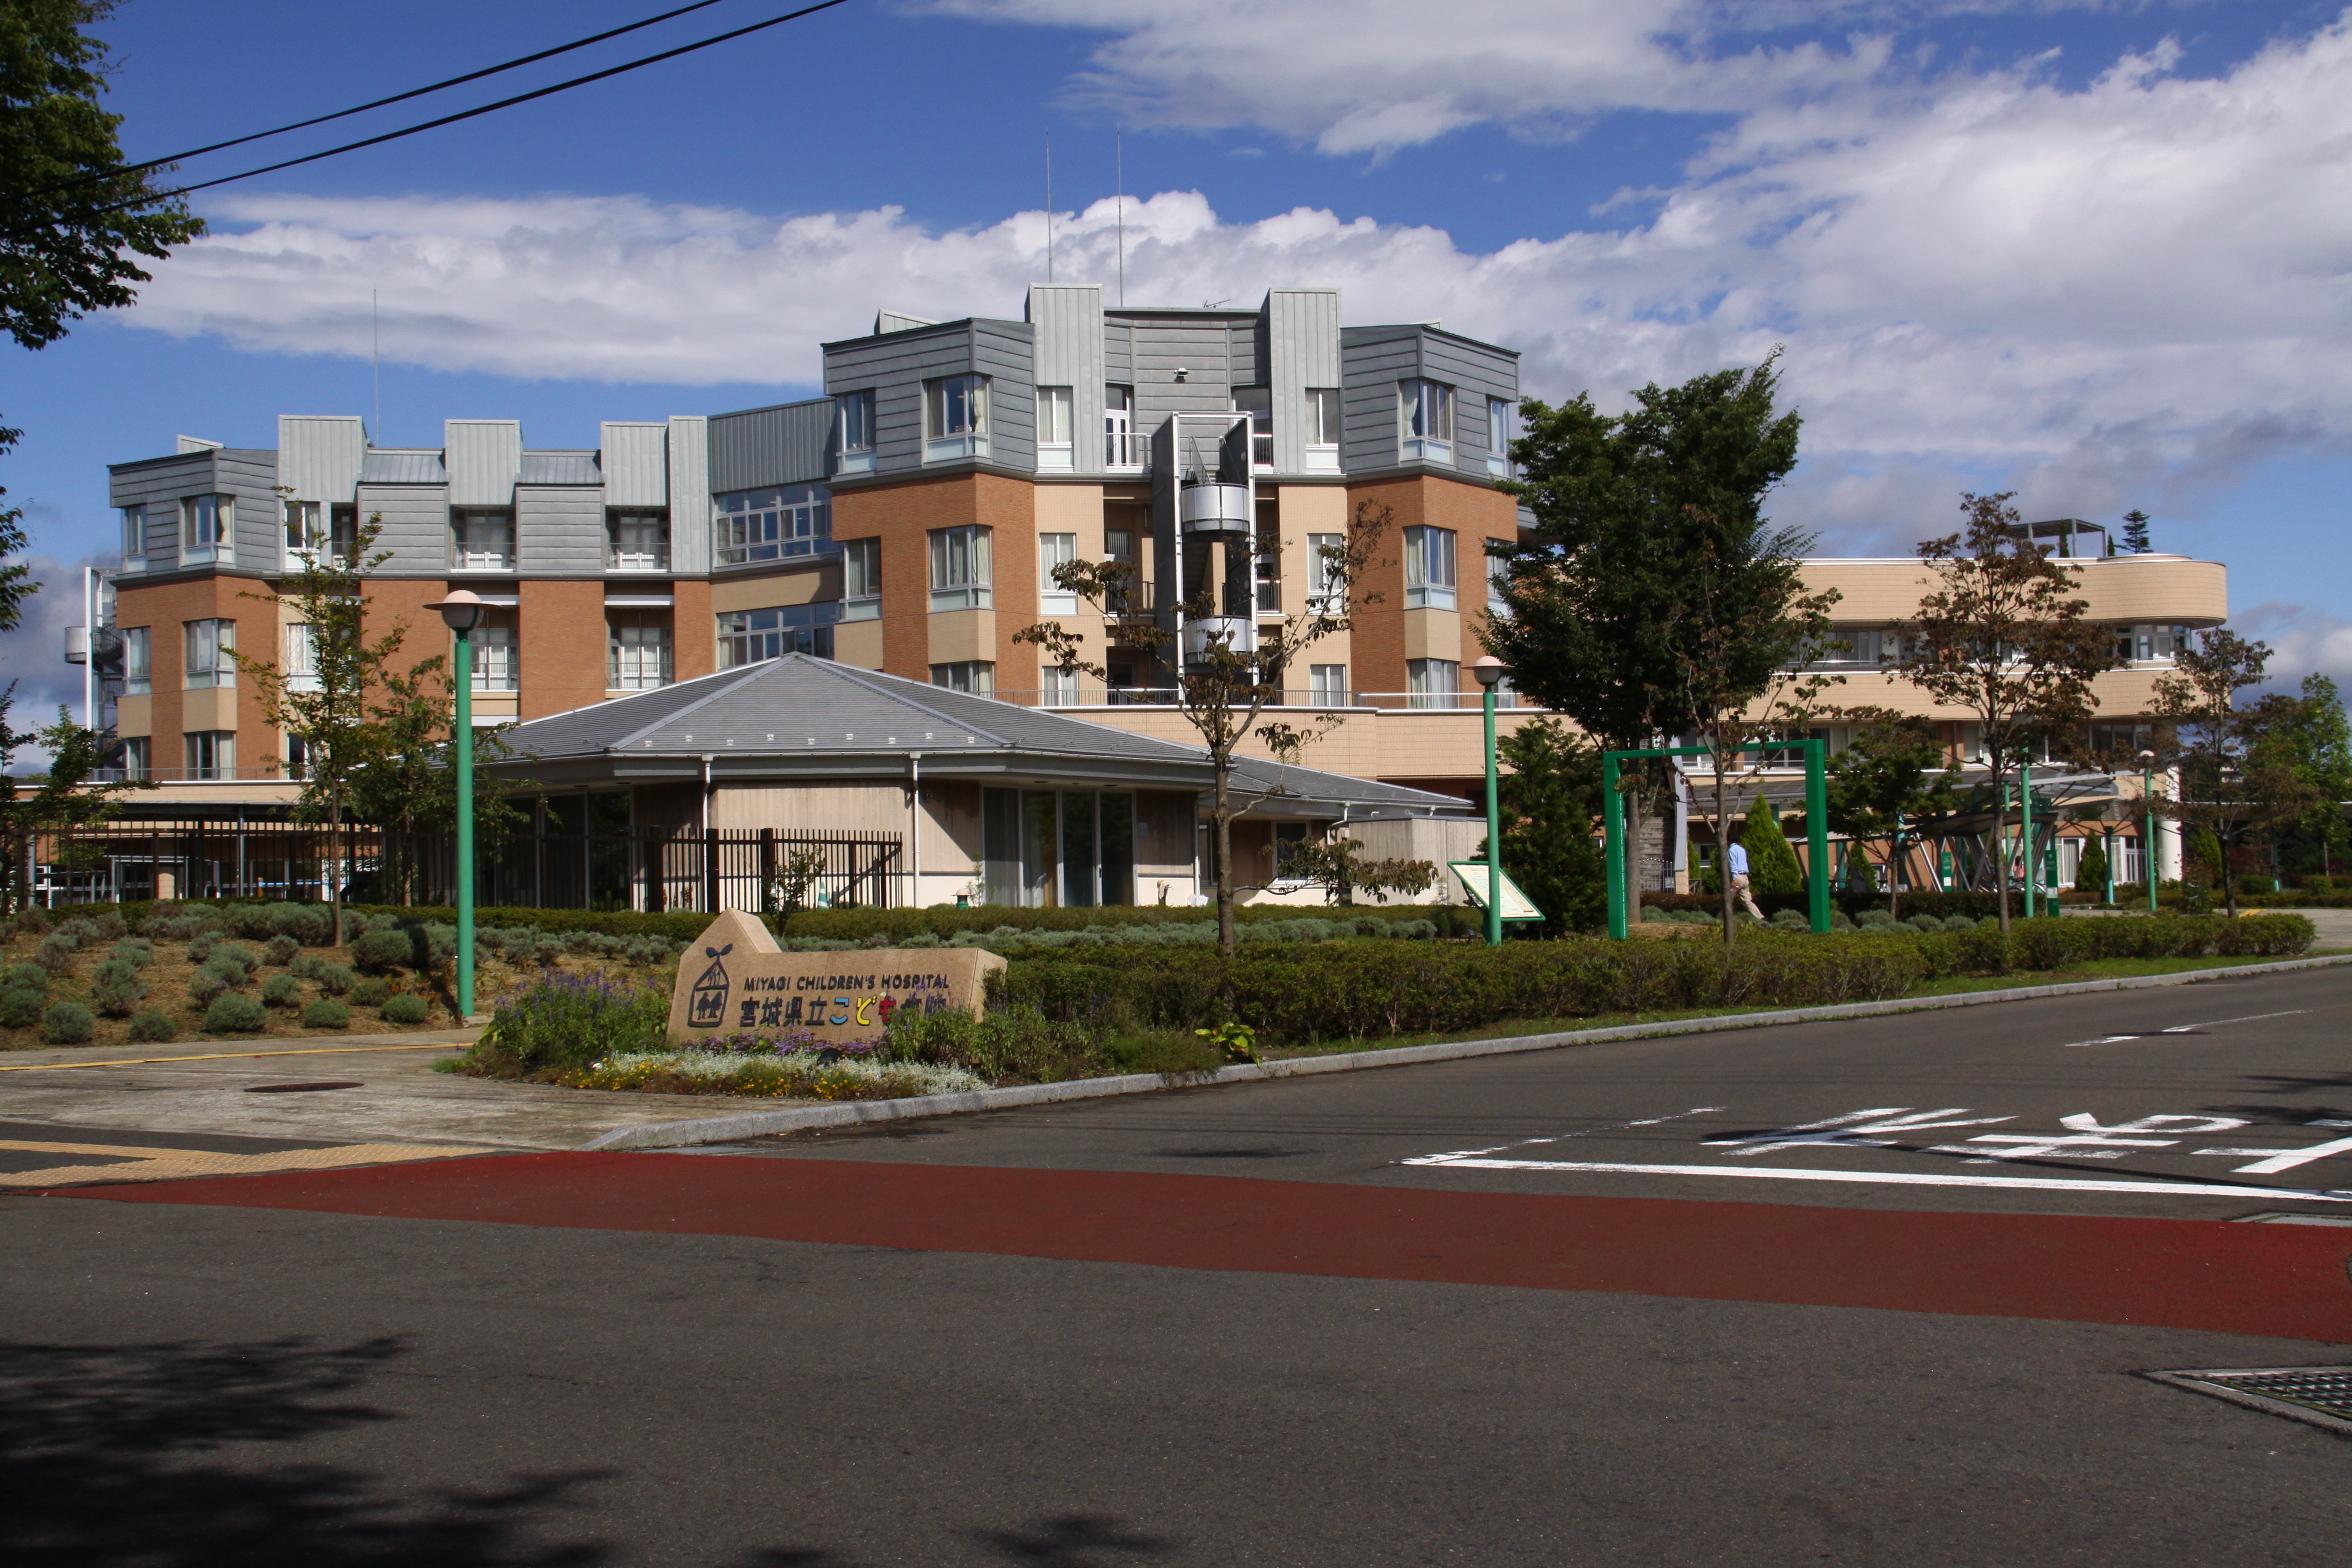 宮城県立こども病院 - Wikipedia